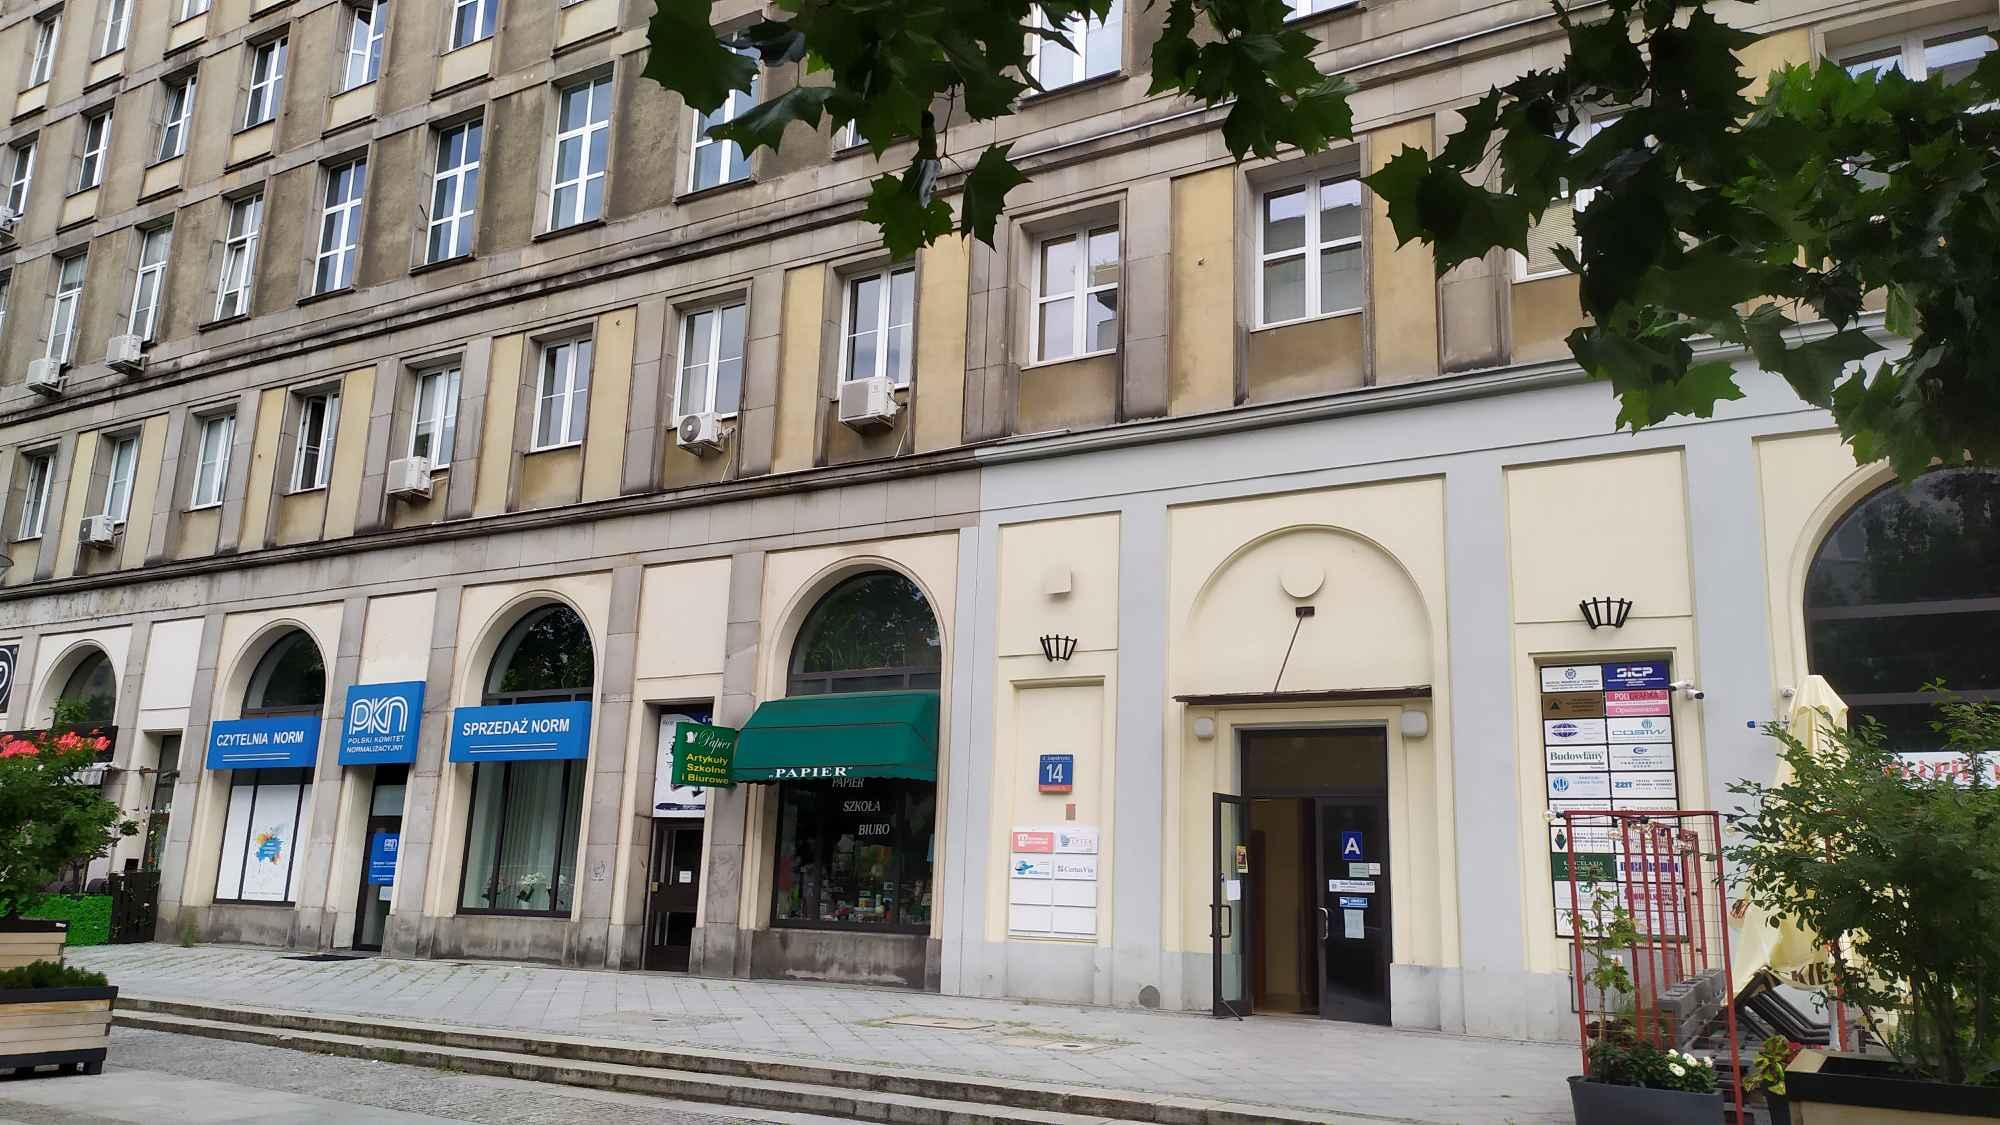 Lokal biurowy do wynajęcia - ul. Świętokrzyska 14, Warszawa Śródmieście - zdjęcie 1